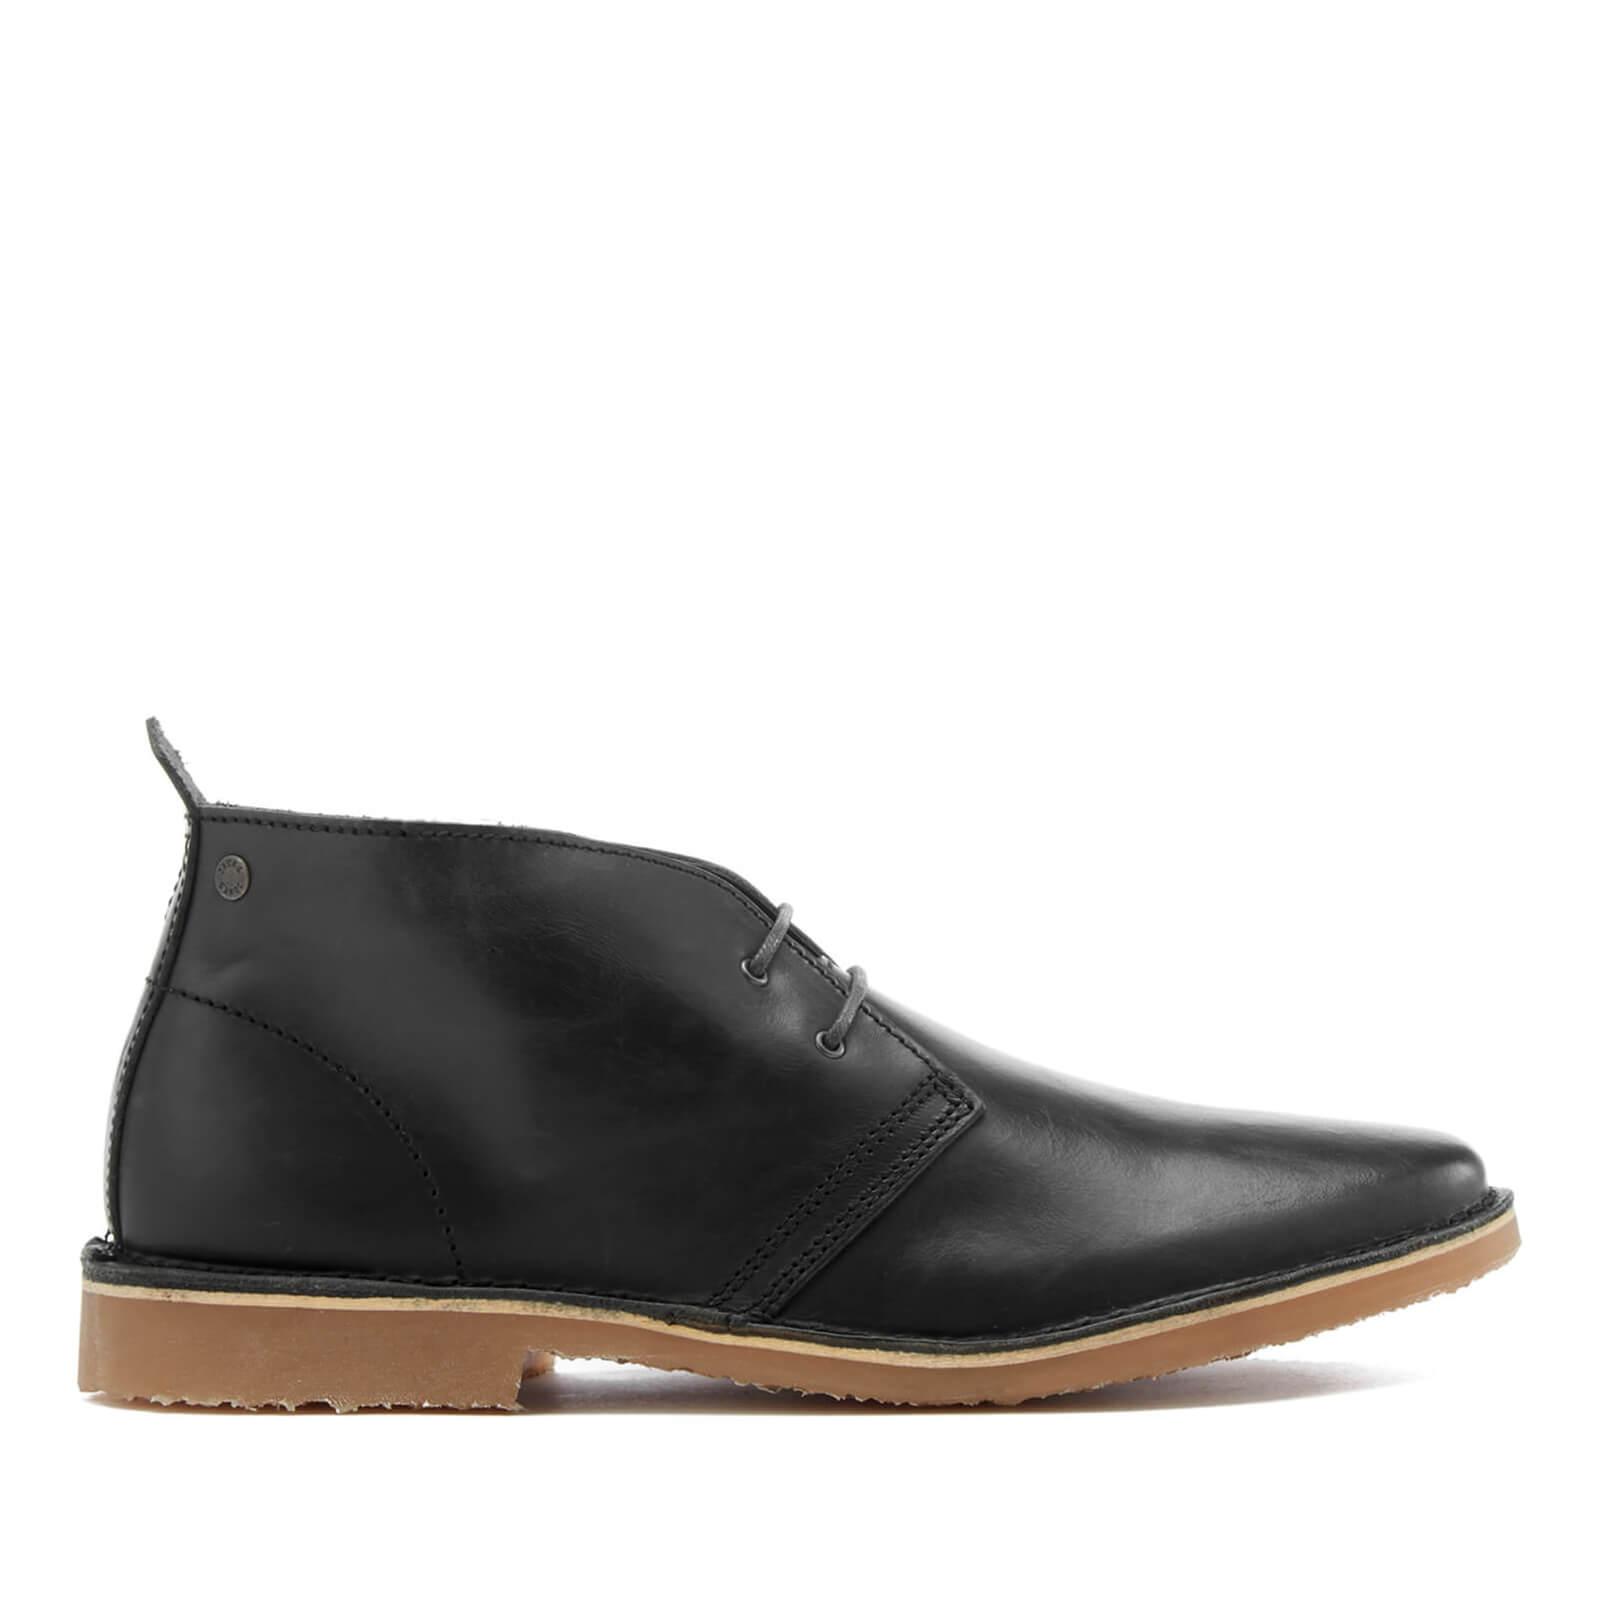 fdfab0604041 Jack   Jones Men s Gobi Leather Desert Boots - Dark Slate. Description